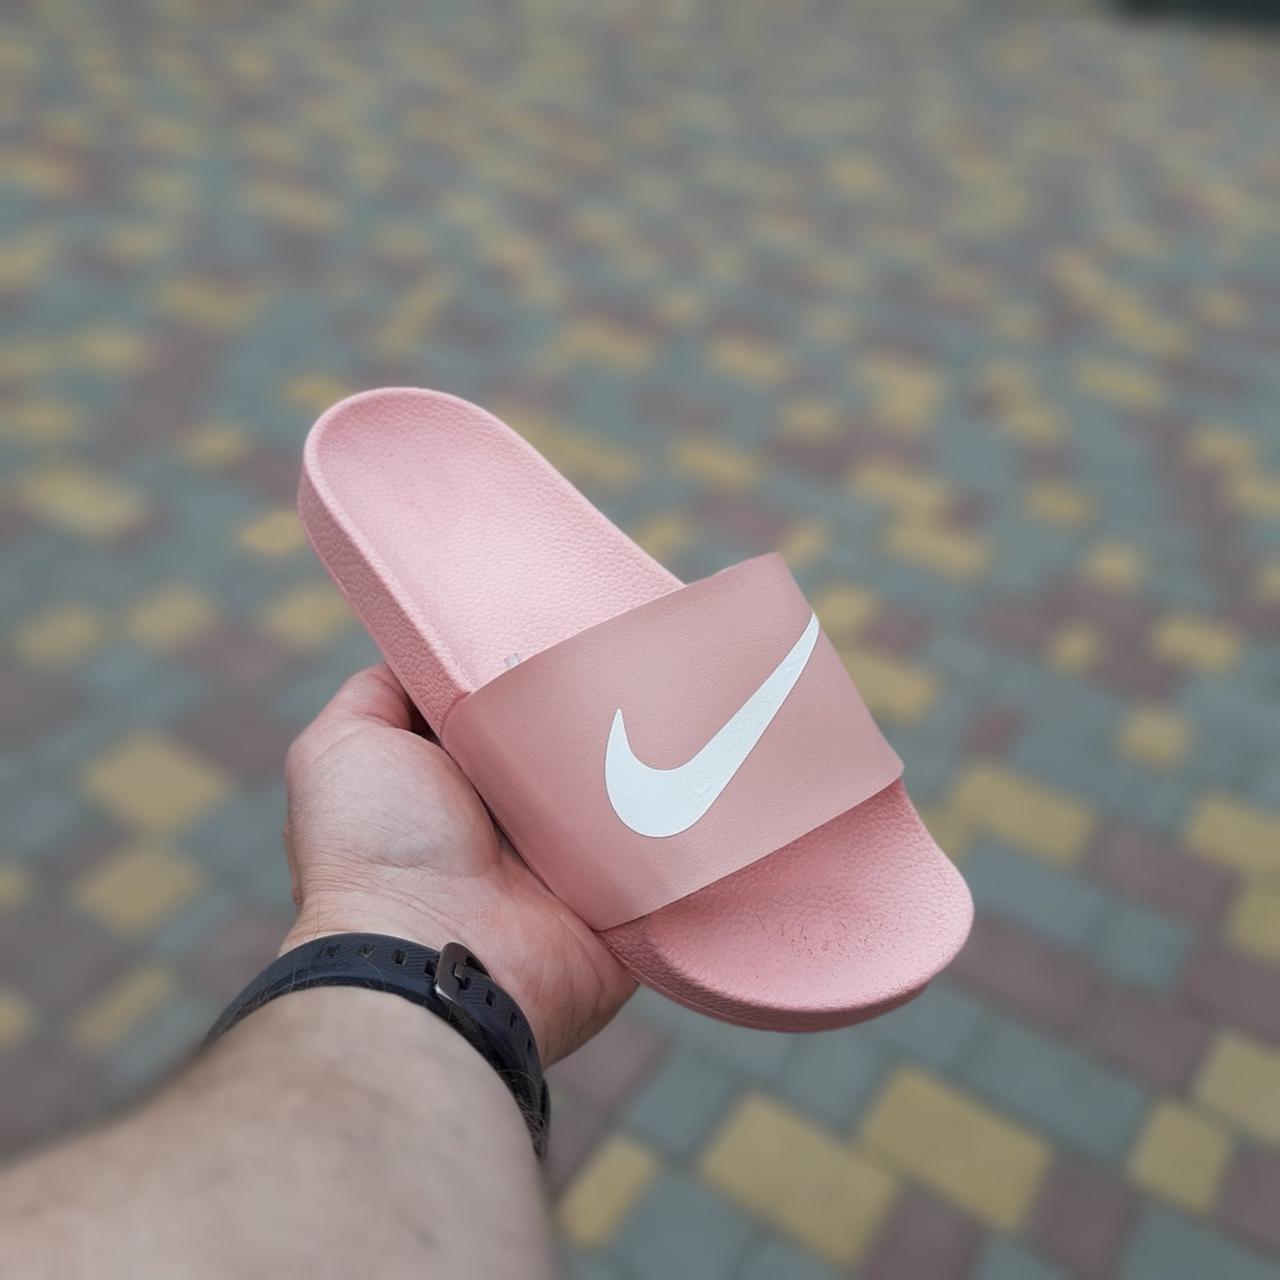 Жіночі сланці Nike Pink, репліка